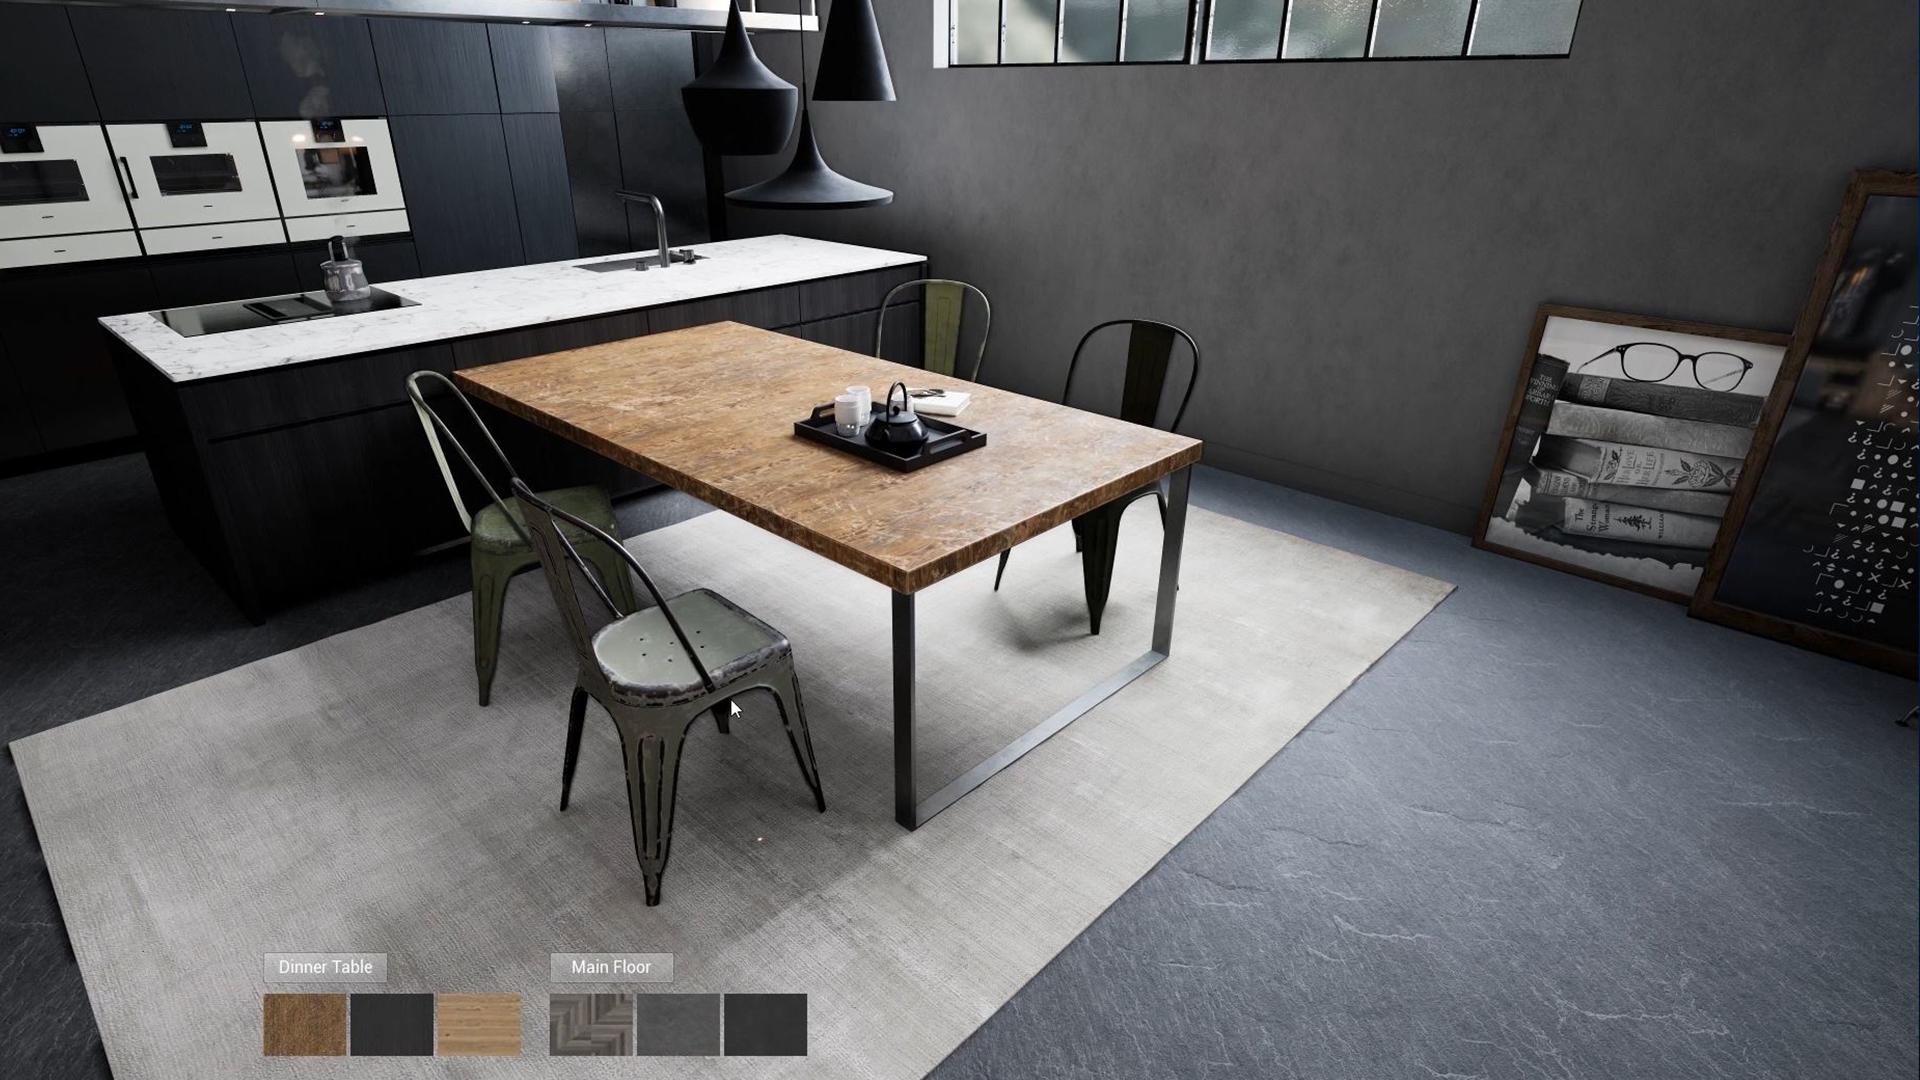 Interior Architecture Configurator (Unreal Engine) - Line